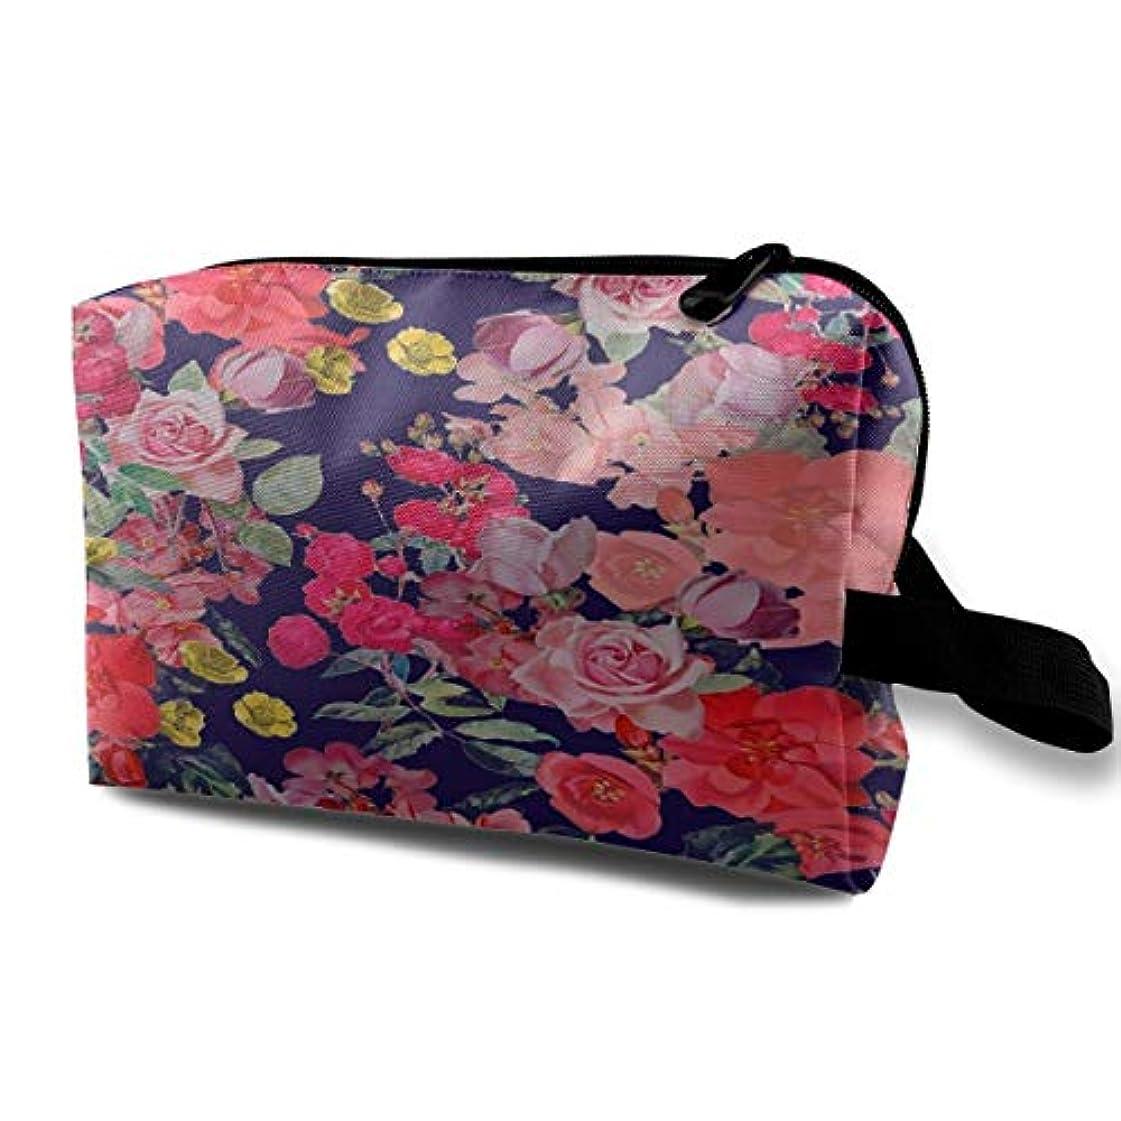 反映する自動化有毒Antique Floral Print Navy 収納ポーチ 化粧ポーチ 大容量 軽量 耐久性 ハンドル付持ち運び便利。入れ 自宅・出張・旅行・アウトドア撮影などに対応。メンズ レディース トラベルグッズ